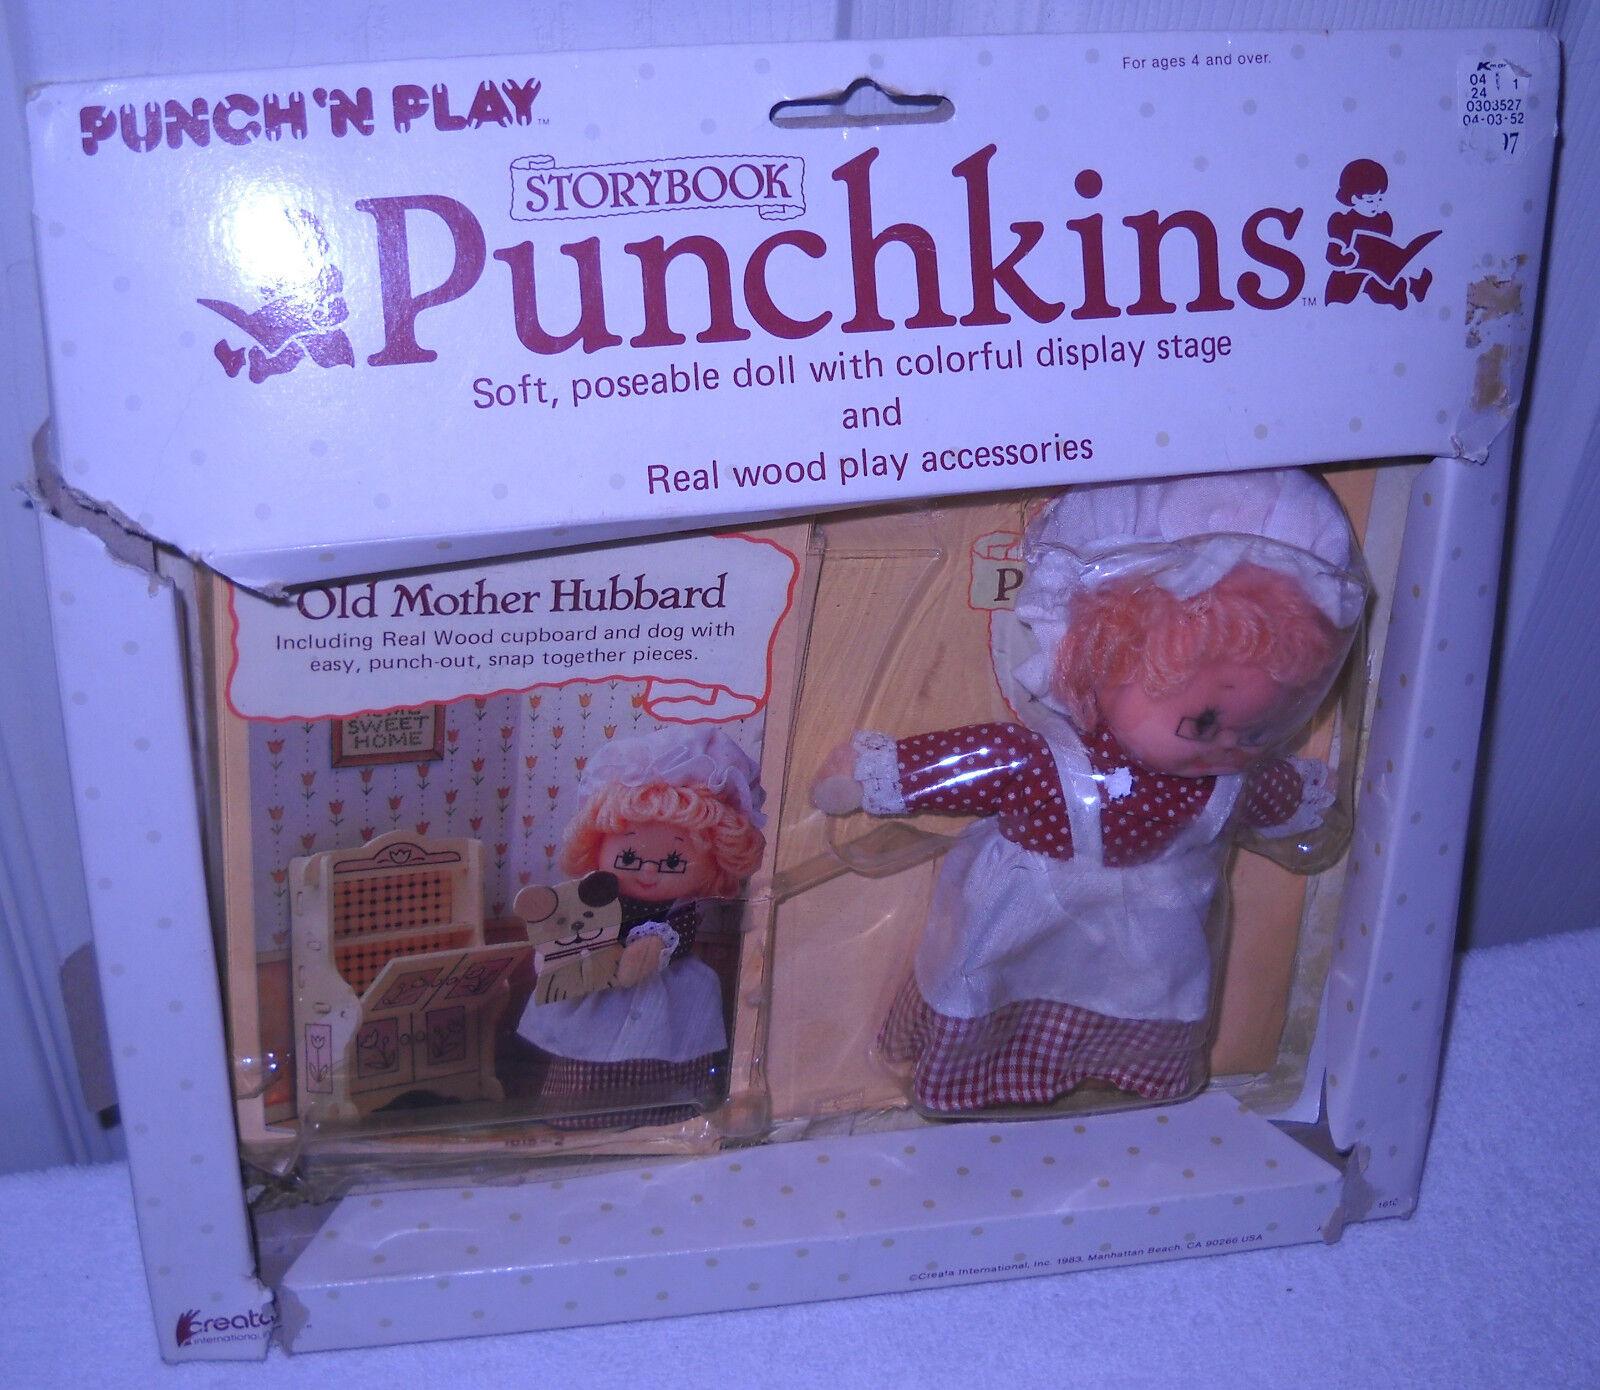 Nuevo en Caja Vintage CREATA Punch N Play Historia Libro punchkins Old Mother Hubbard